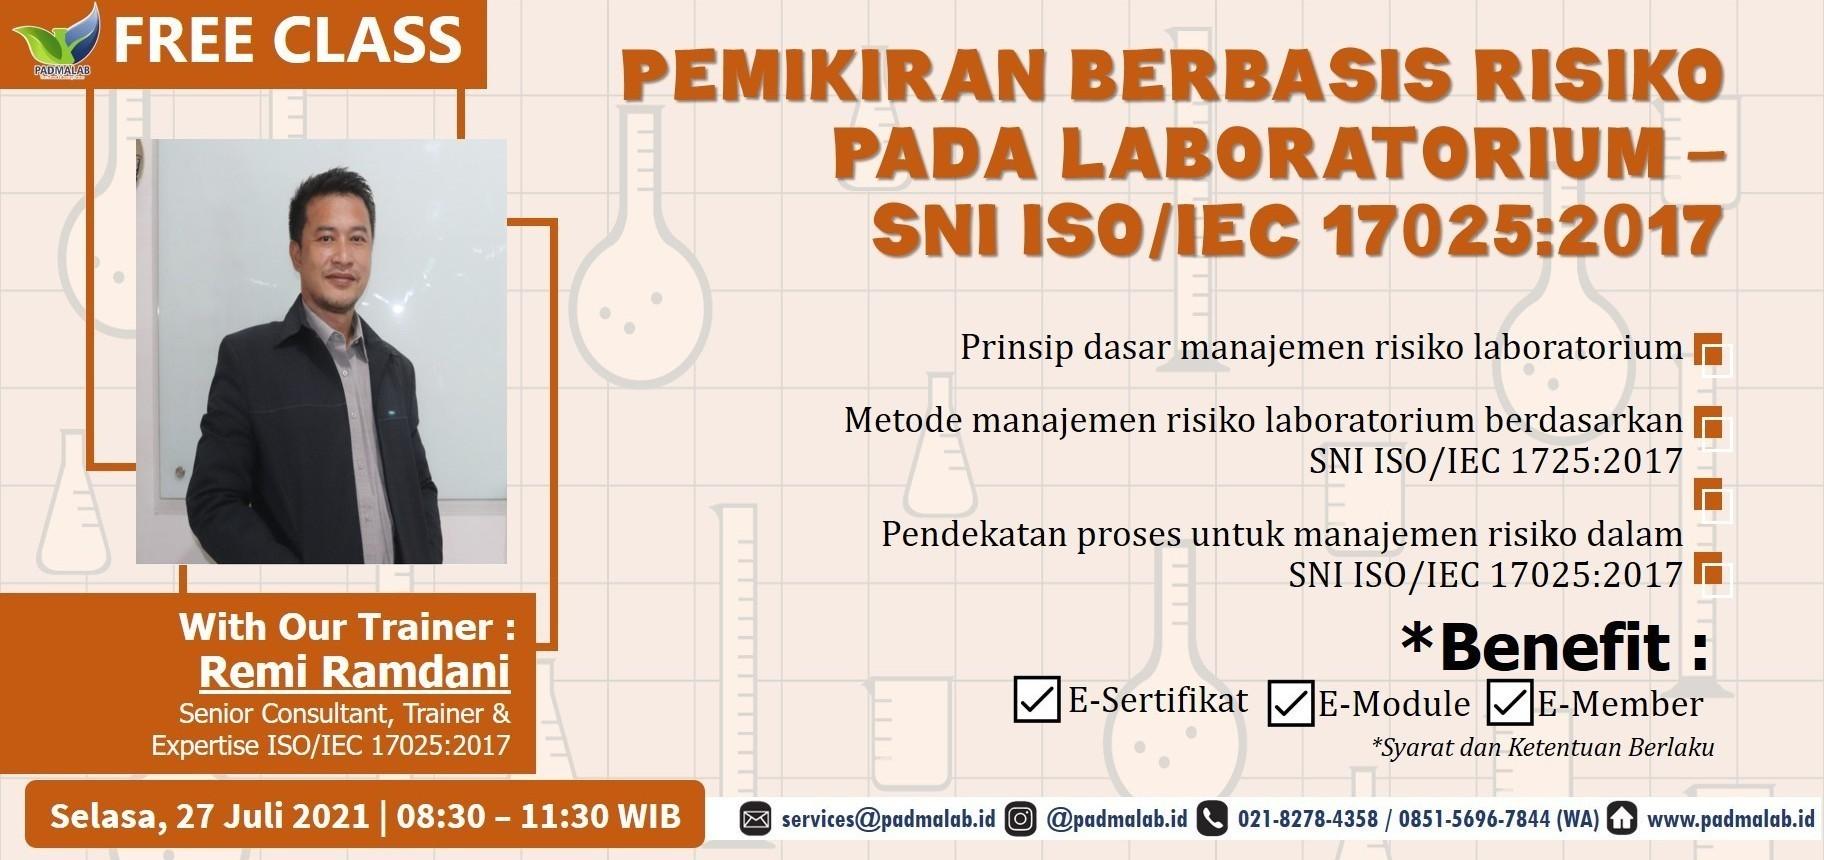 PEMIKIRAN BERBASIS RISIKO PADA LABORATORIUM - SNI ISO/IEC 17025:2017